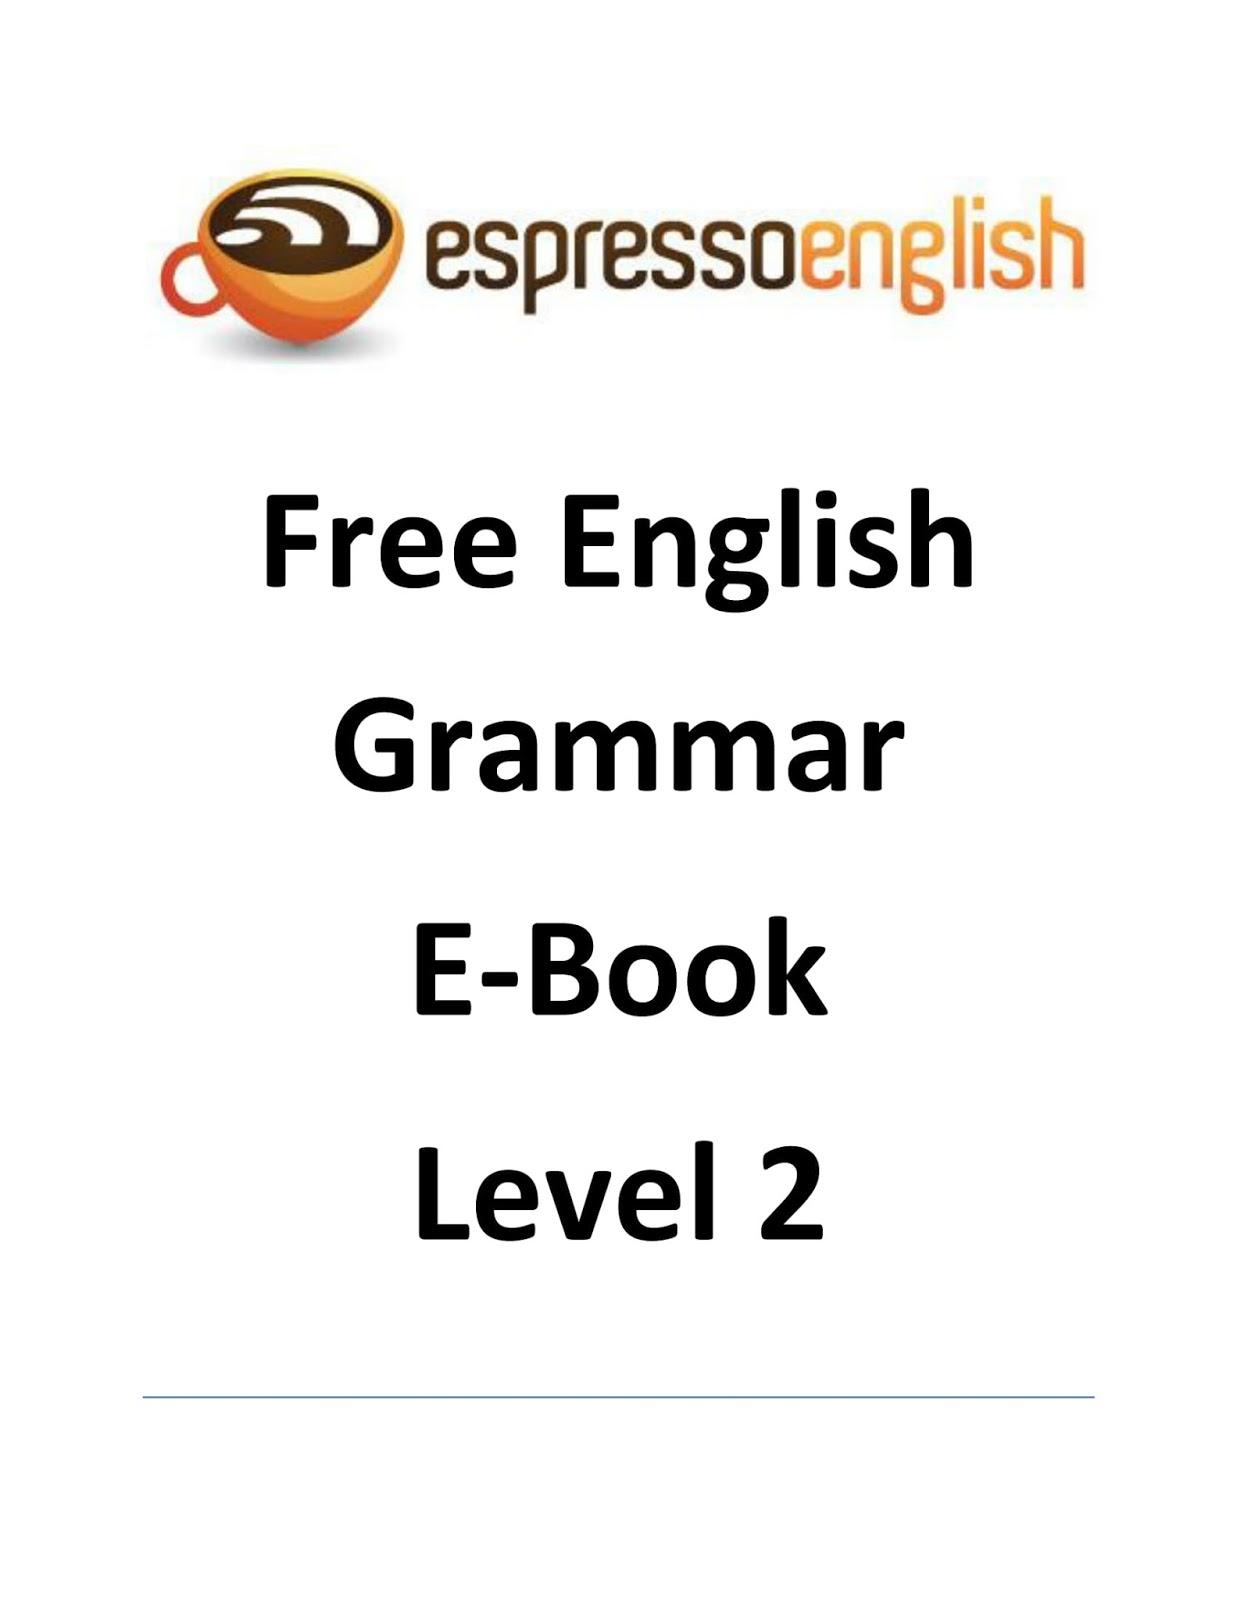 Free English Grammar (Level 2) By Espresso English